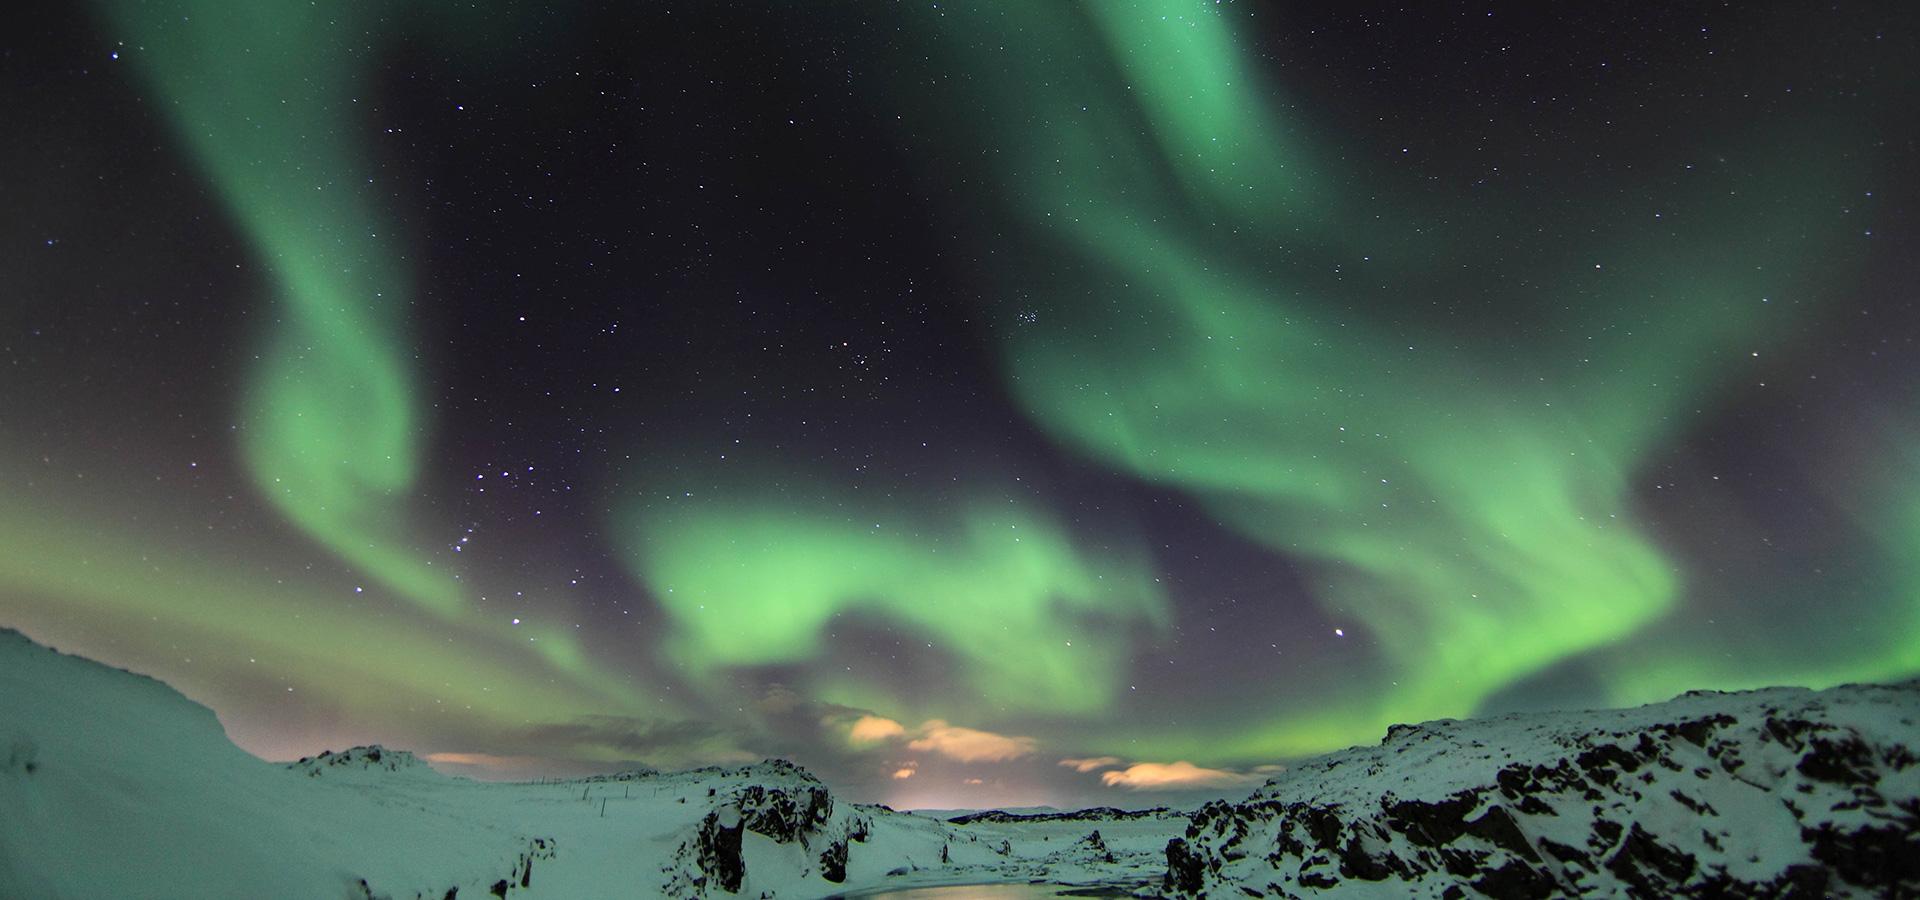 Nordlys opstår kun om vinteren og oplyser det smukke, men frosthårde landskab.